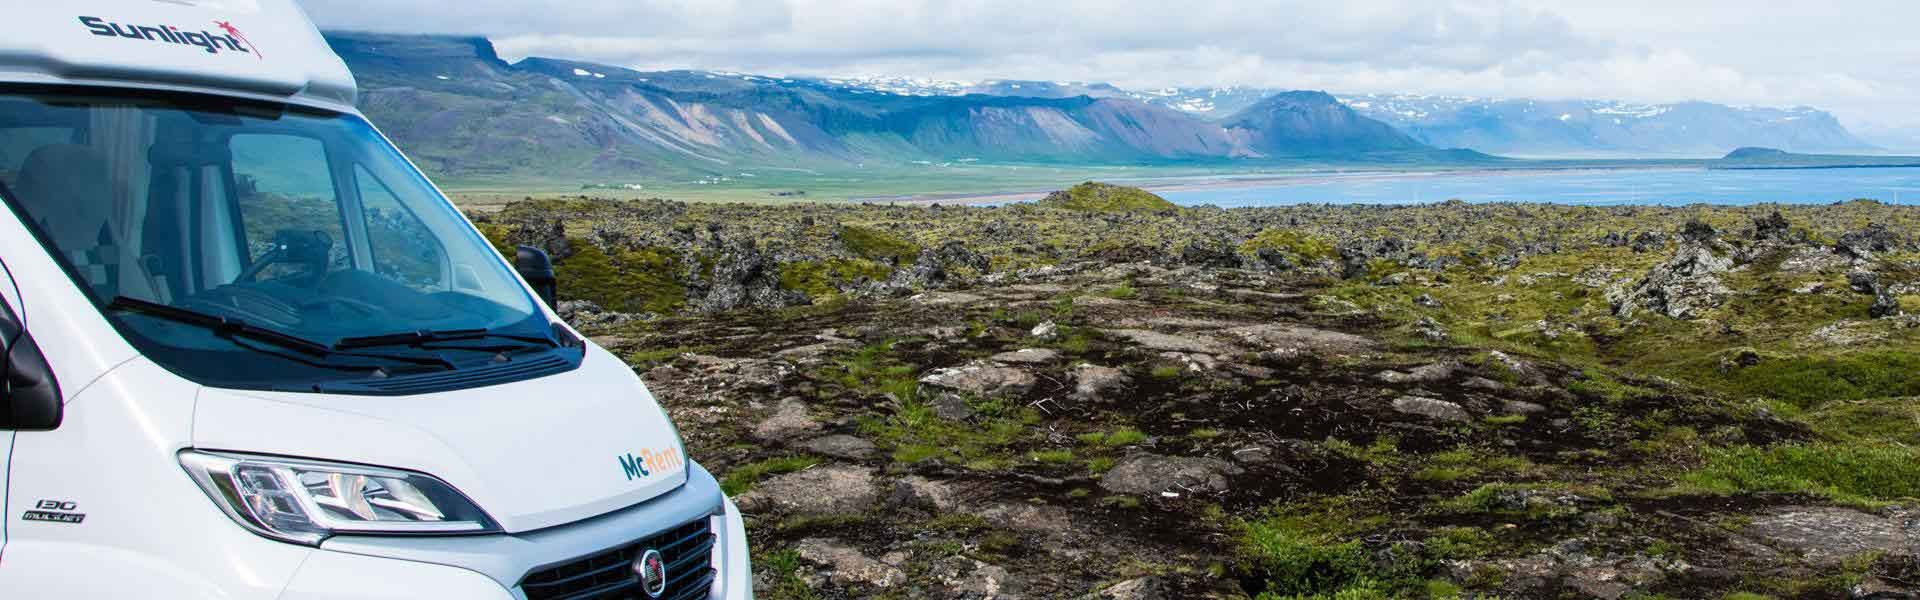 Maak een camperreis door IJsland met een camper van McRent bij Victoria CamperHolidays